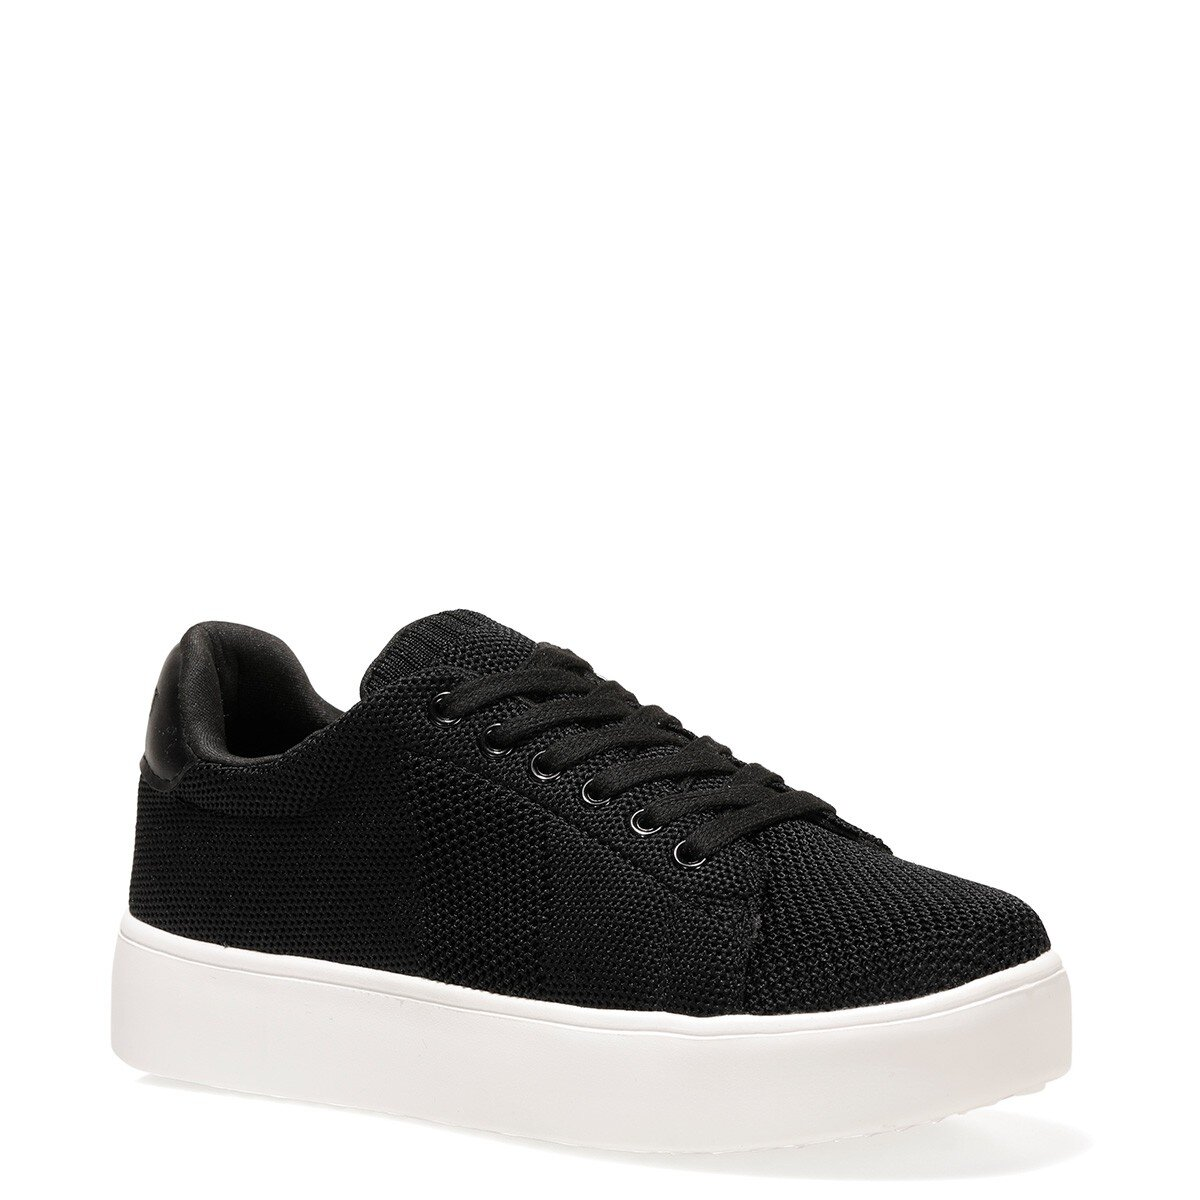 ULONIA 1FX Siyah Kadın Sneaker Ayakkabı